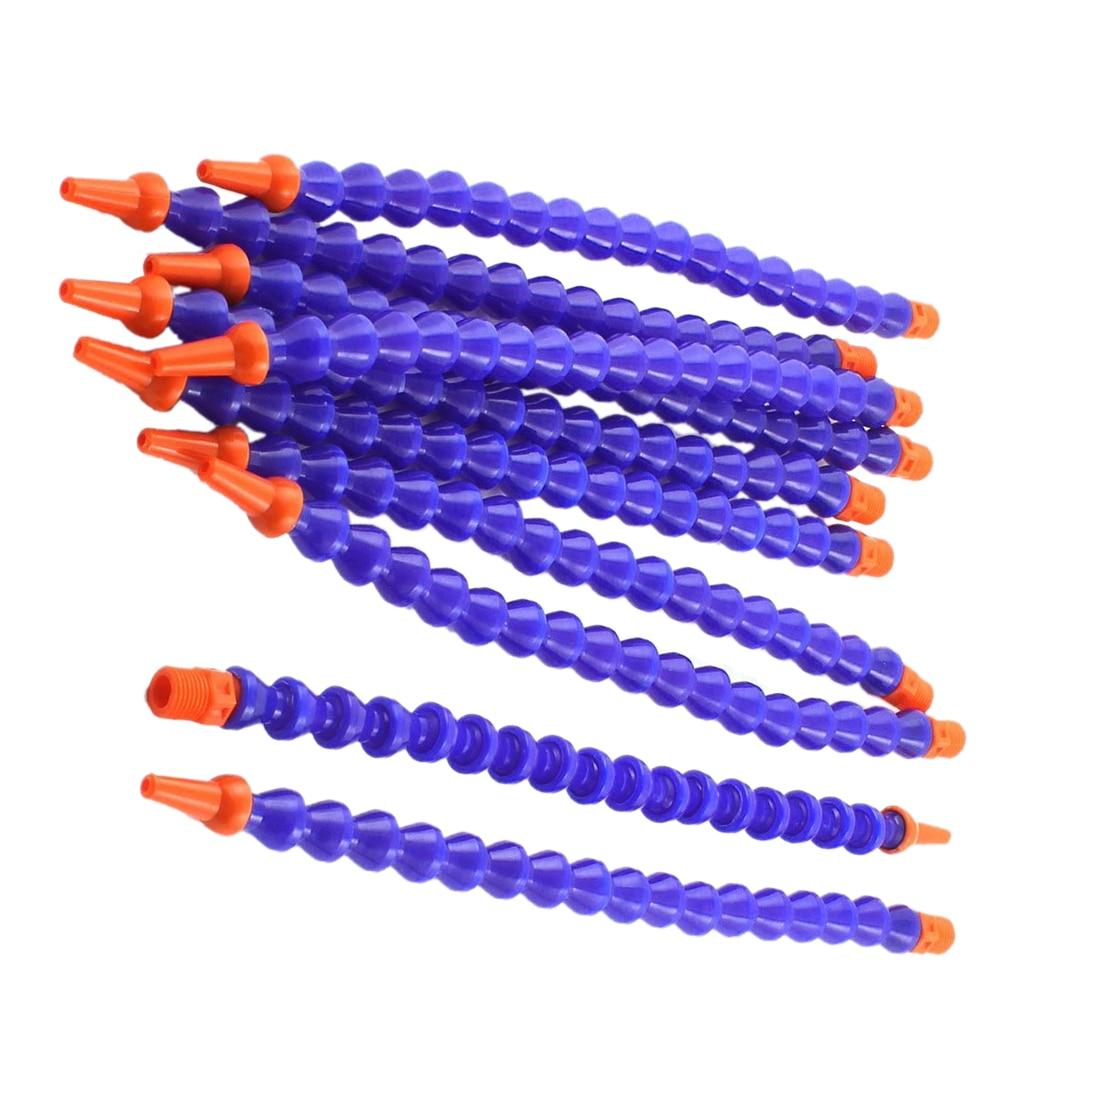 WSFS Heißer 10 stücke Runde Düse 1/4PT Flexible Öl Kühl Rohr Schlauch Blau Orange Für CNC Maschine Drehmaschine fräsen Kühlung Rohr Einzelhandel